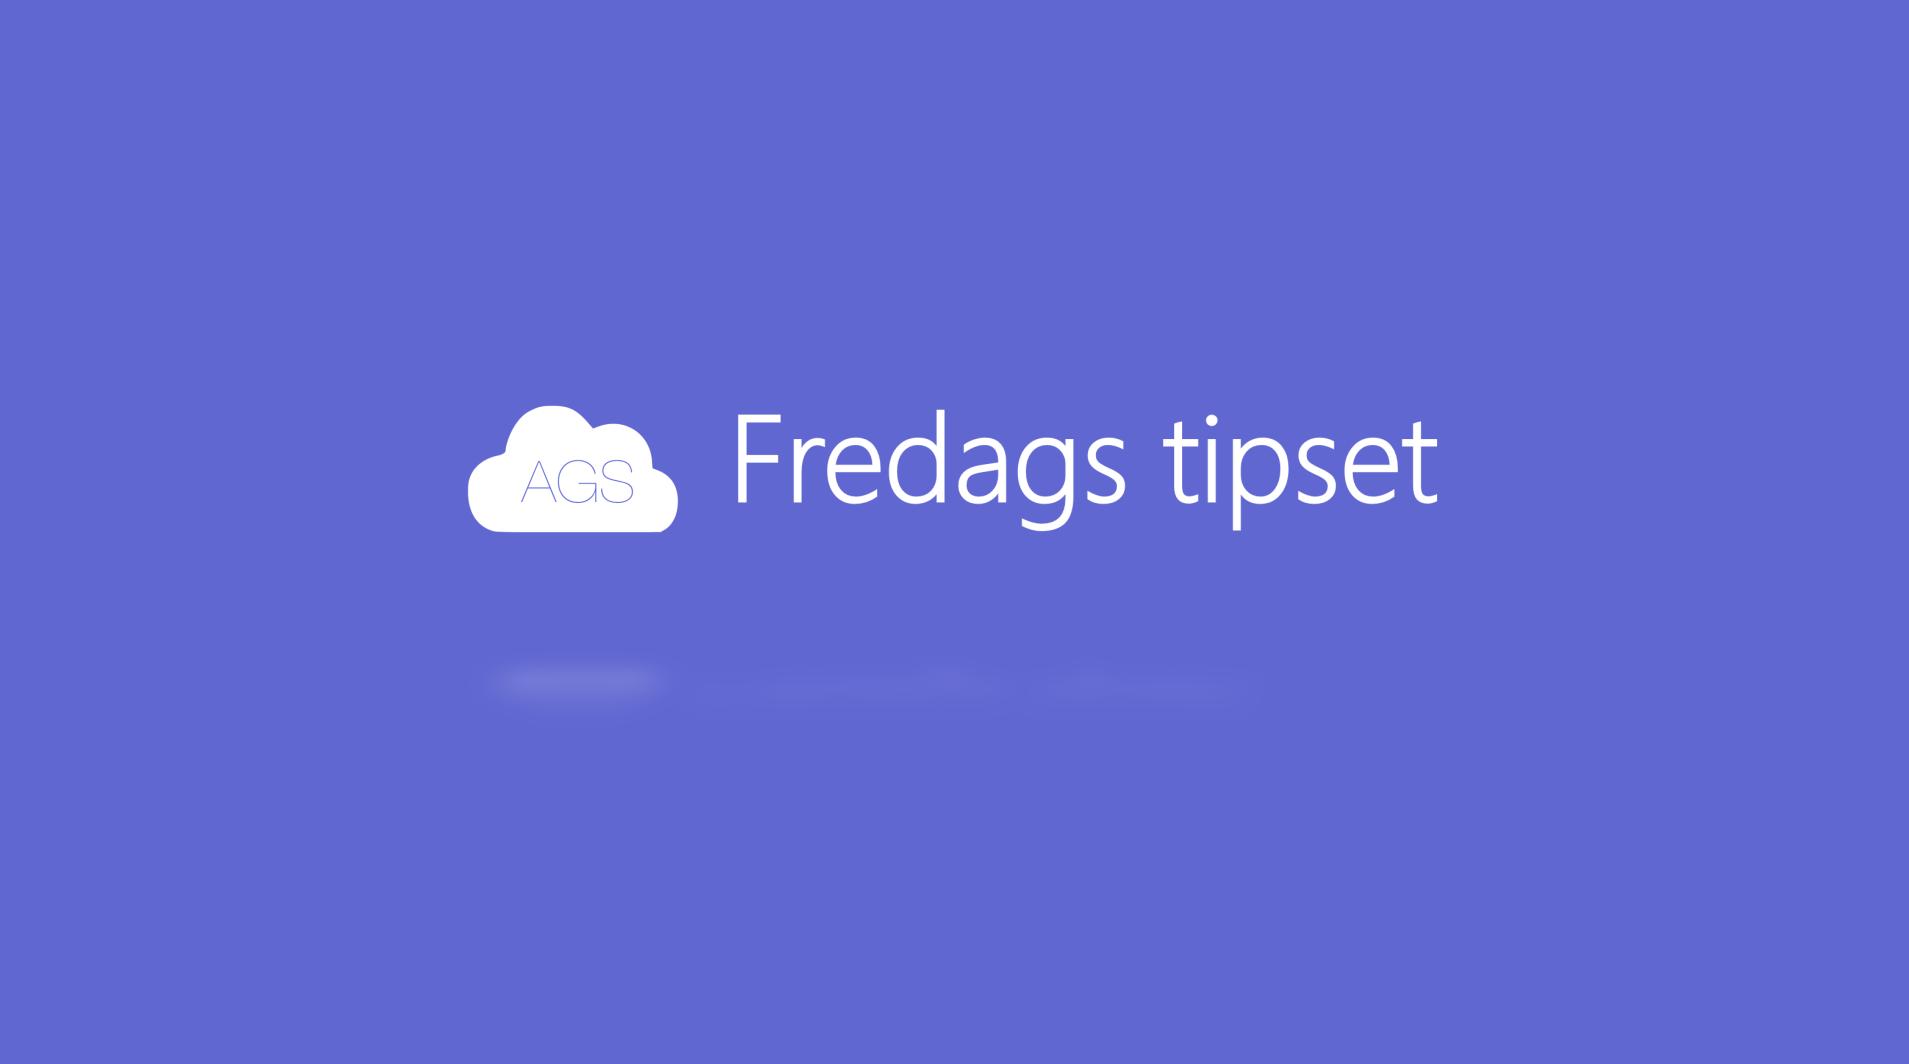 AGS Fredags tipset: Slik tar du backup av e-posten din i Outlook